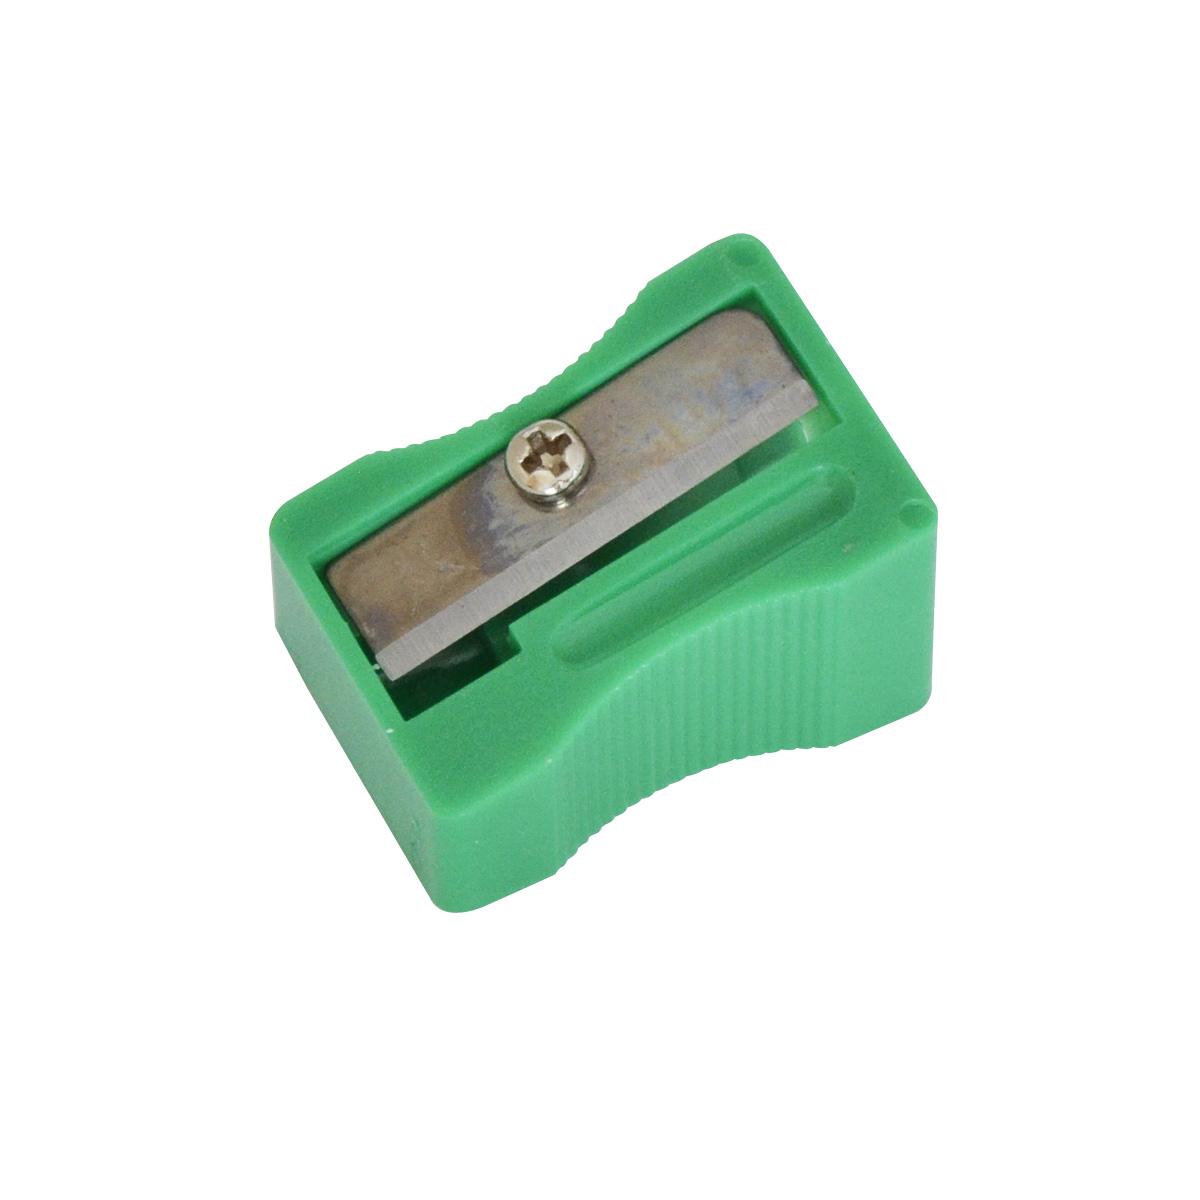 Набор Action! состоит из двух одинарных точилок без контейнера в ярком пластиковом корпусе для заточки утолщенных карандашей. Каждая точилка с рифленой областью захвата изготовлена из неломающихся, ударопрочных материалов. Высококачественное лезвие позволит использовать такие точилки длительное время.